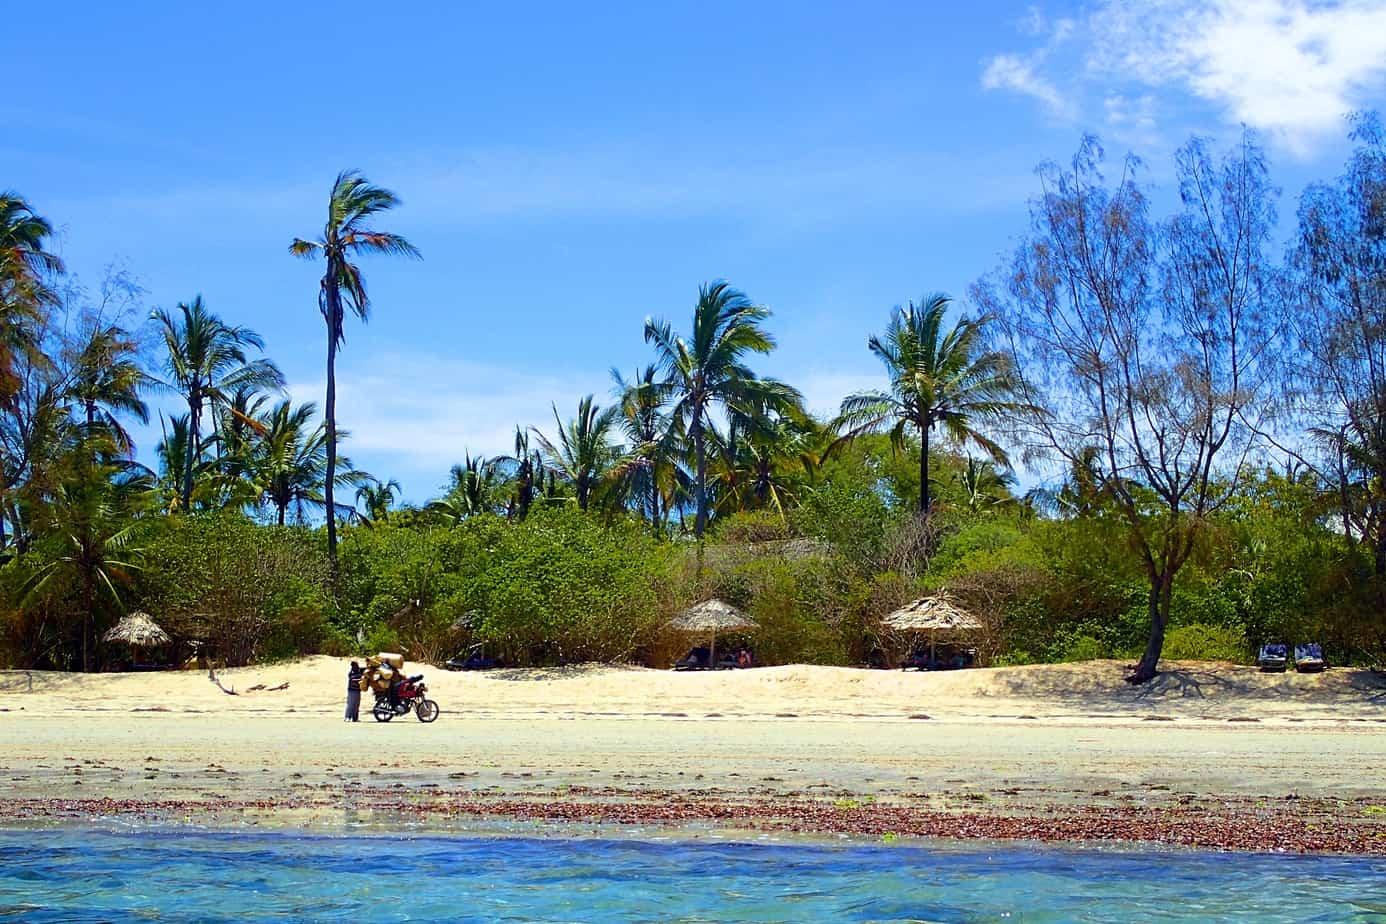 Pangani beach, Tanzania